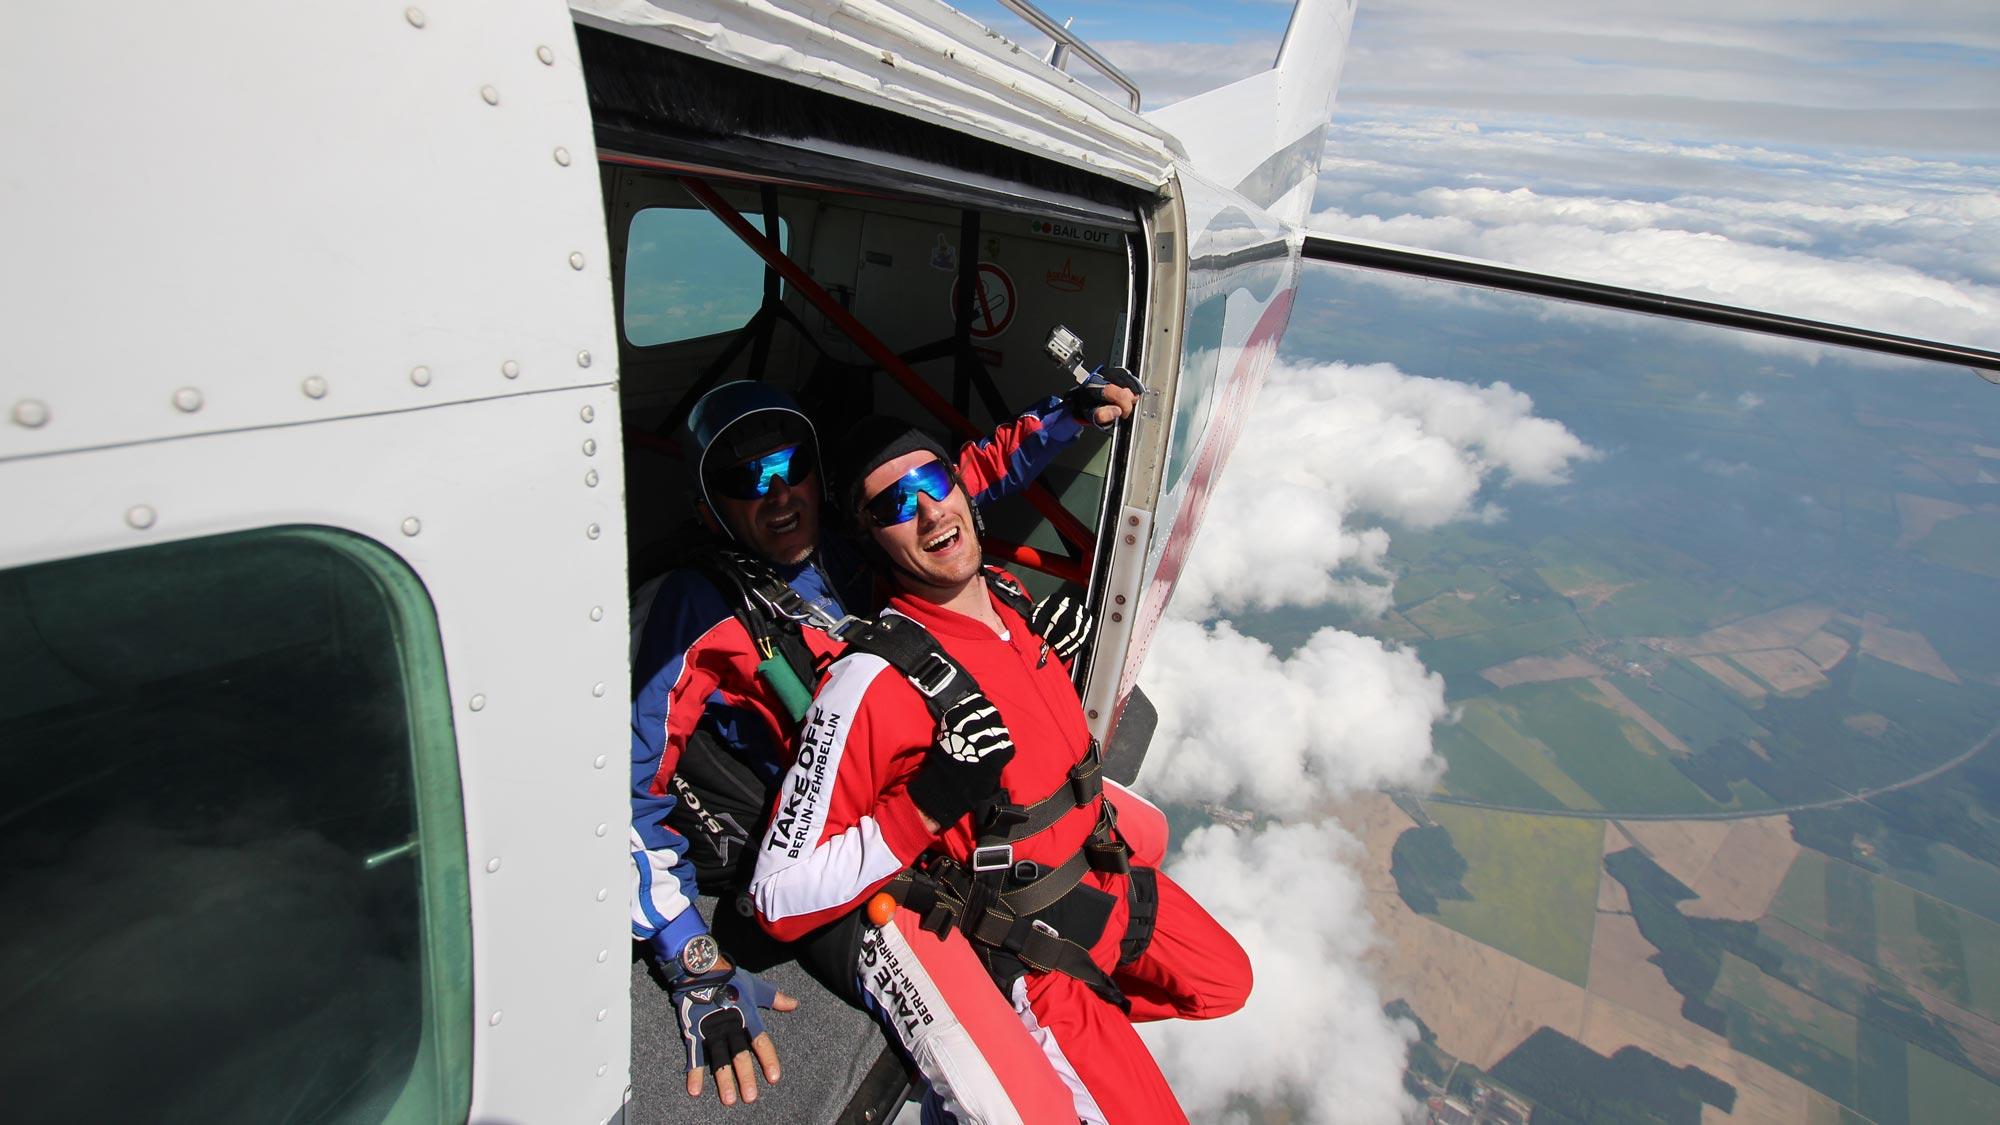 Team Event bei TAKE OFF Berlin: Tandemspringer mit Tandempilot kurz vor dem Absprúng aus dem Flugzeug - fantastische Aussicht